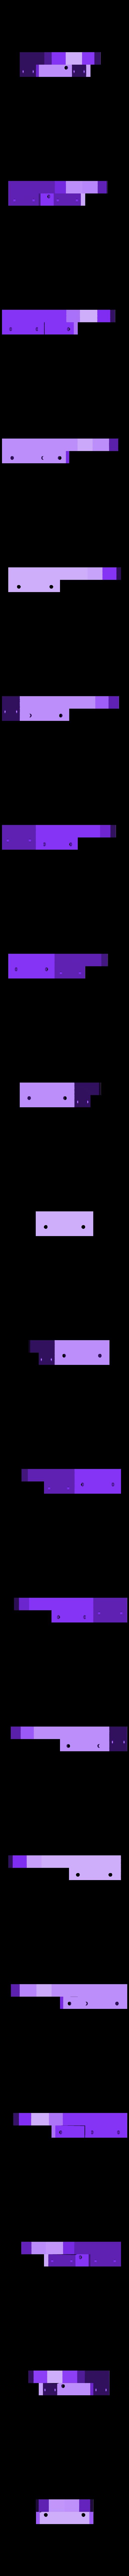 frame_leg_base_part_2.stl Download free STL file RoboDog v1.0 • 3D printing object, robolab19